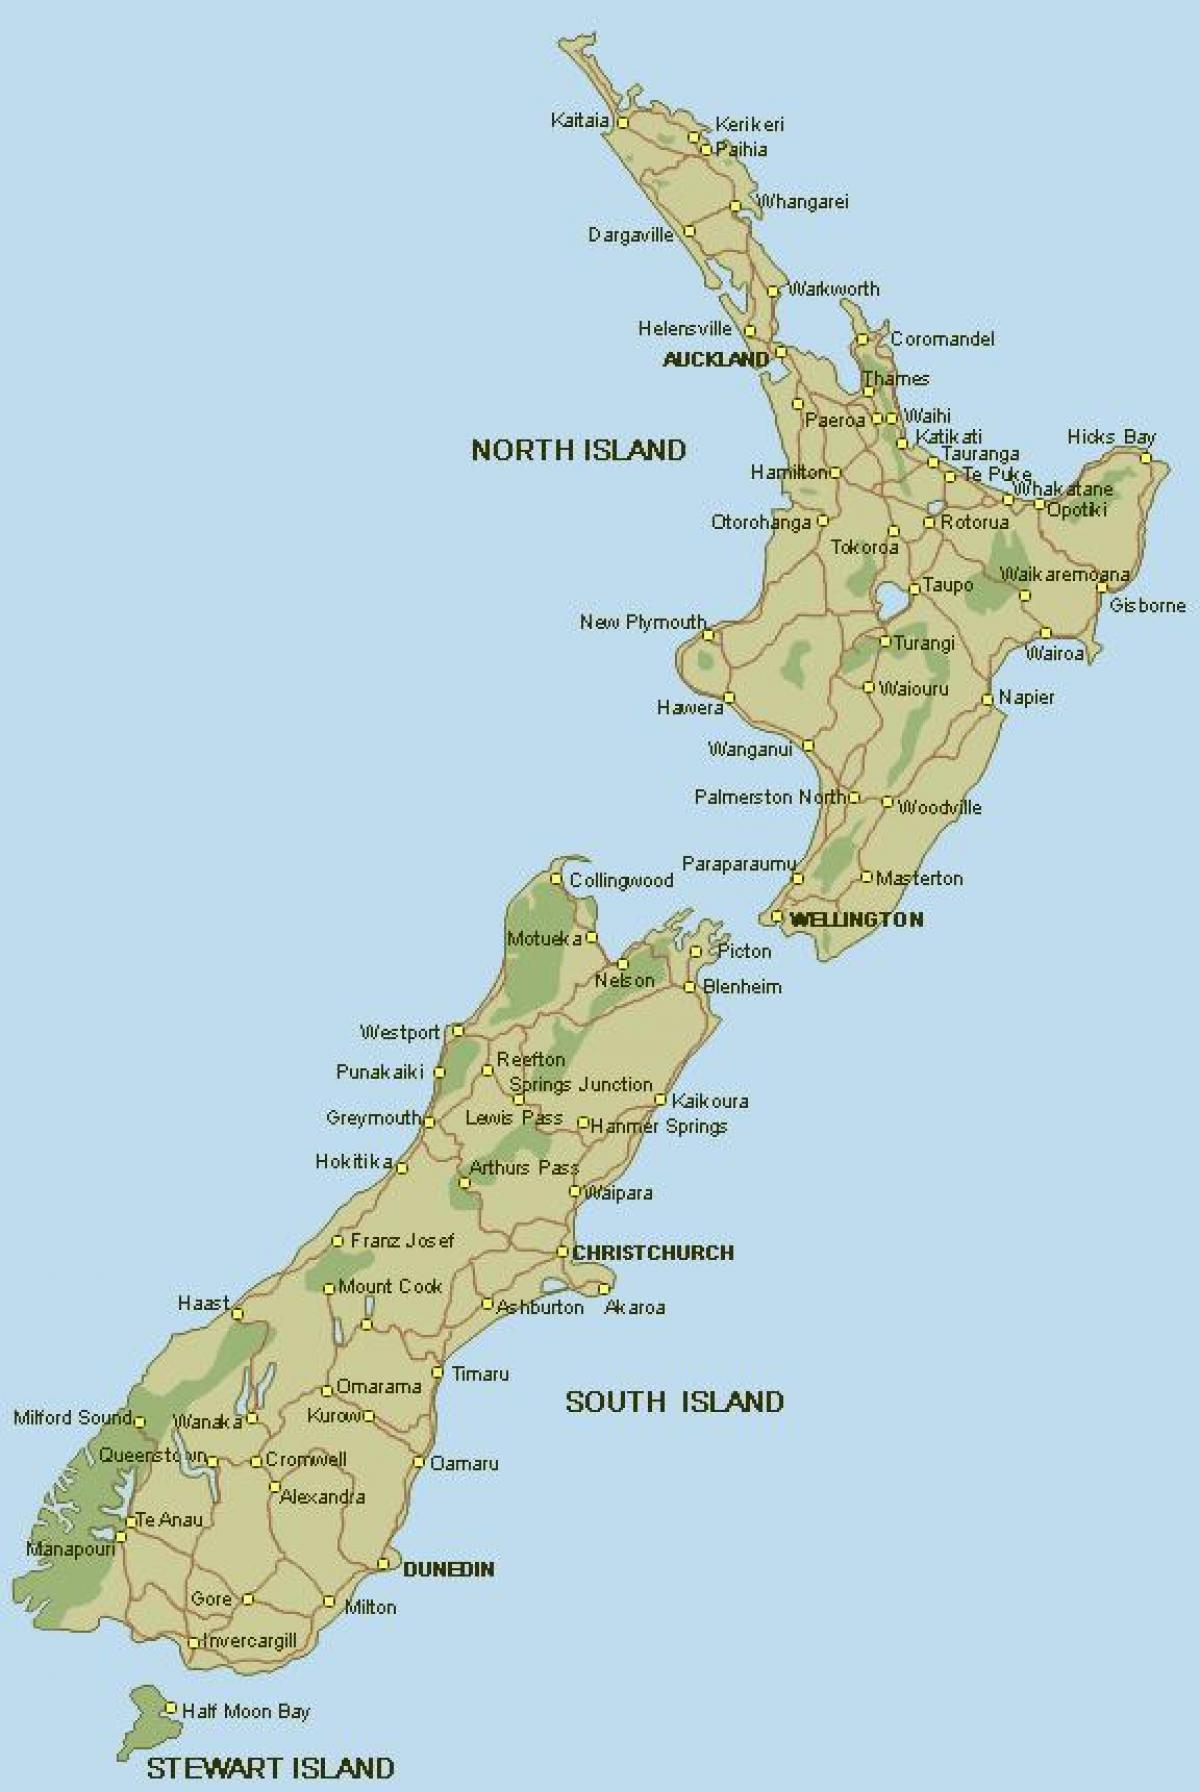 Kartta Uuden Seelannin Ja Uuden Seelannin Koko Kartta Australia